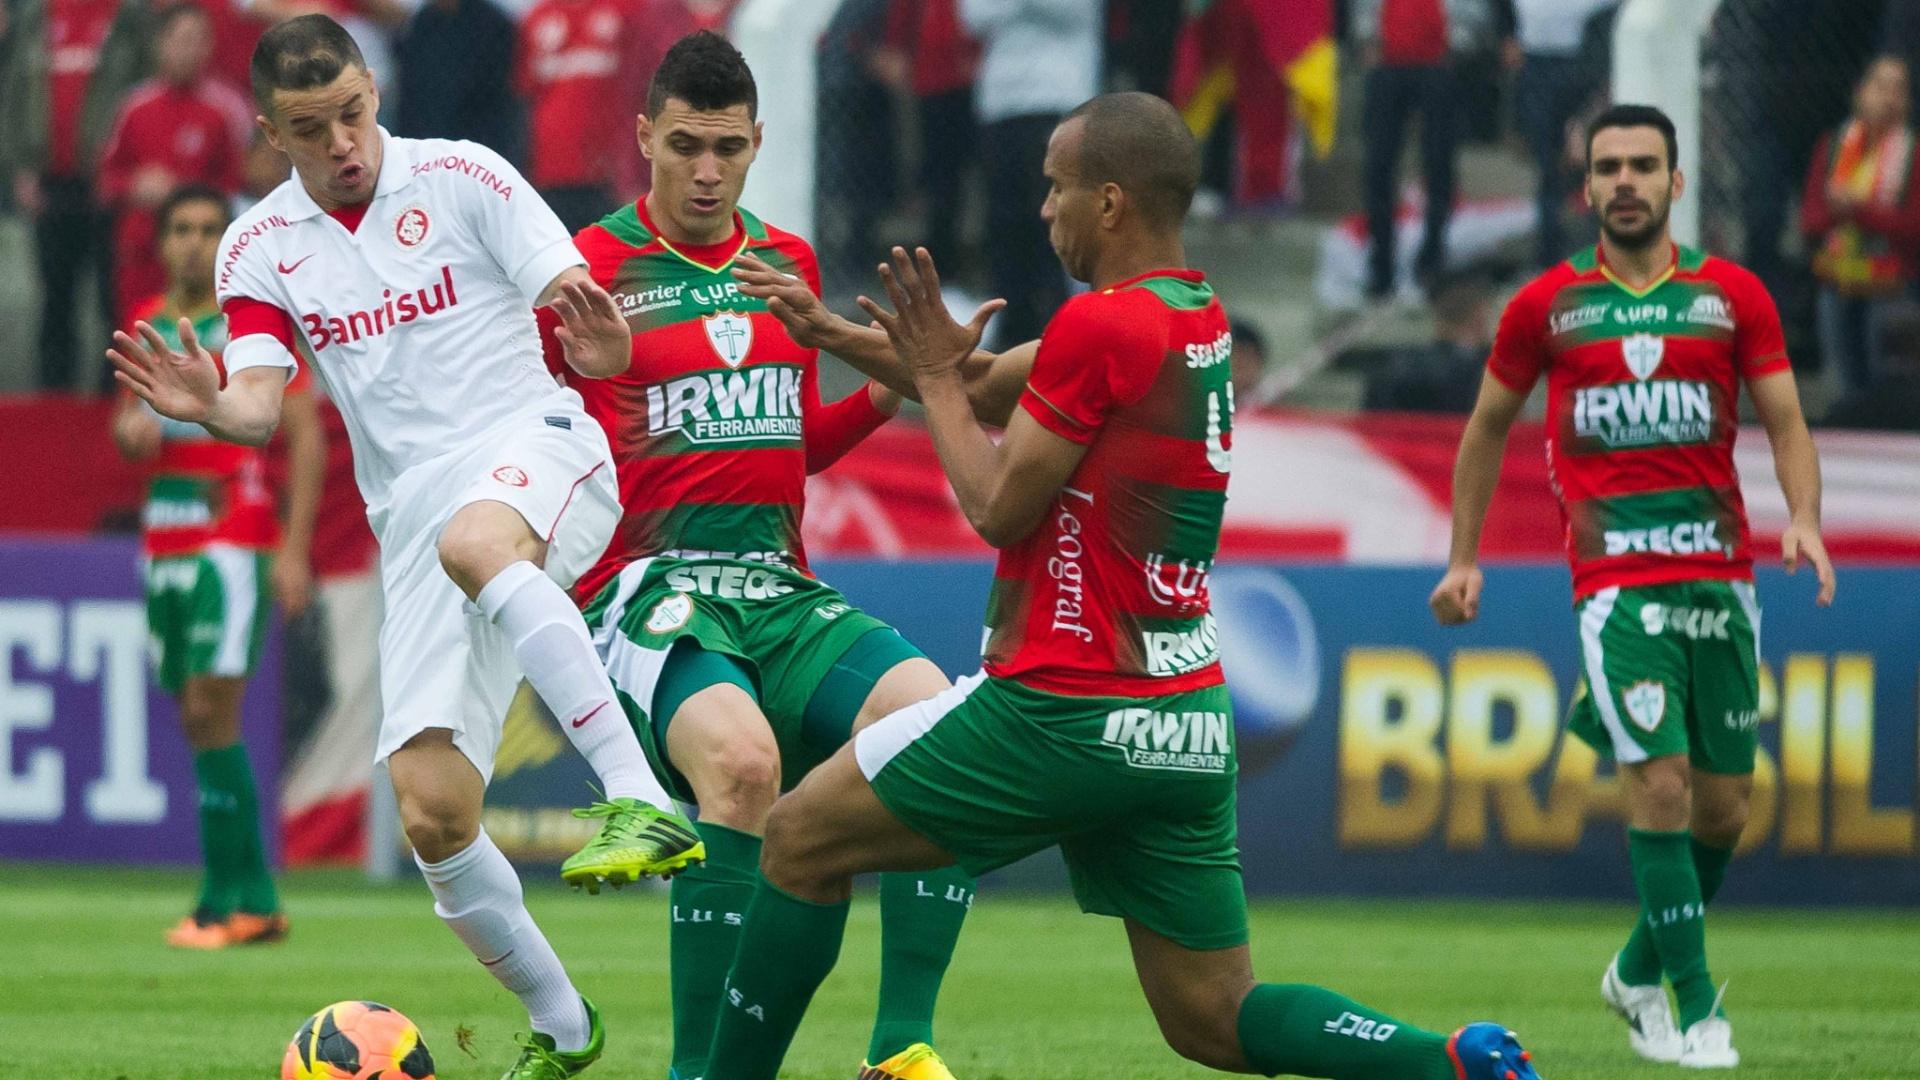 D'Alessandro divide bola com Valdomiro em jogo Inter x Portuguesa, pela 23ª rodada do BR (22/09/13)